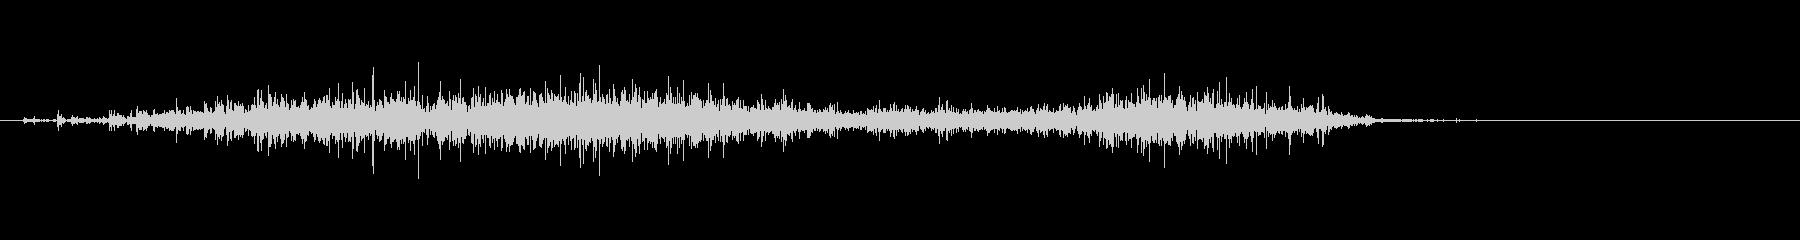 ビリッ(紙を破る音)05の未再生の波形